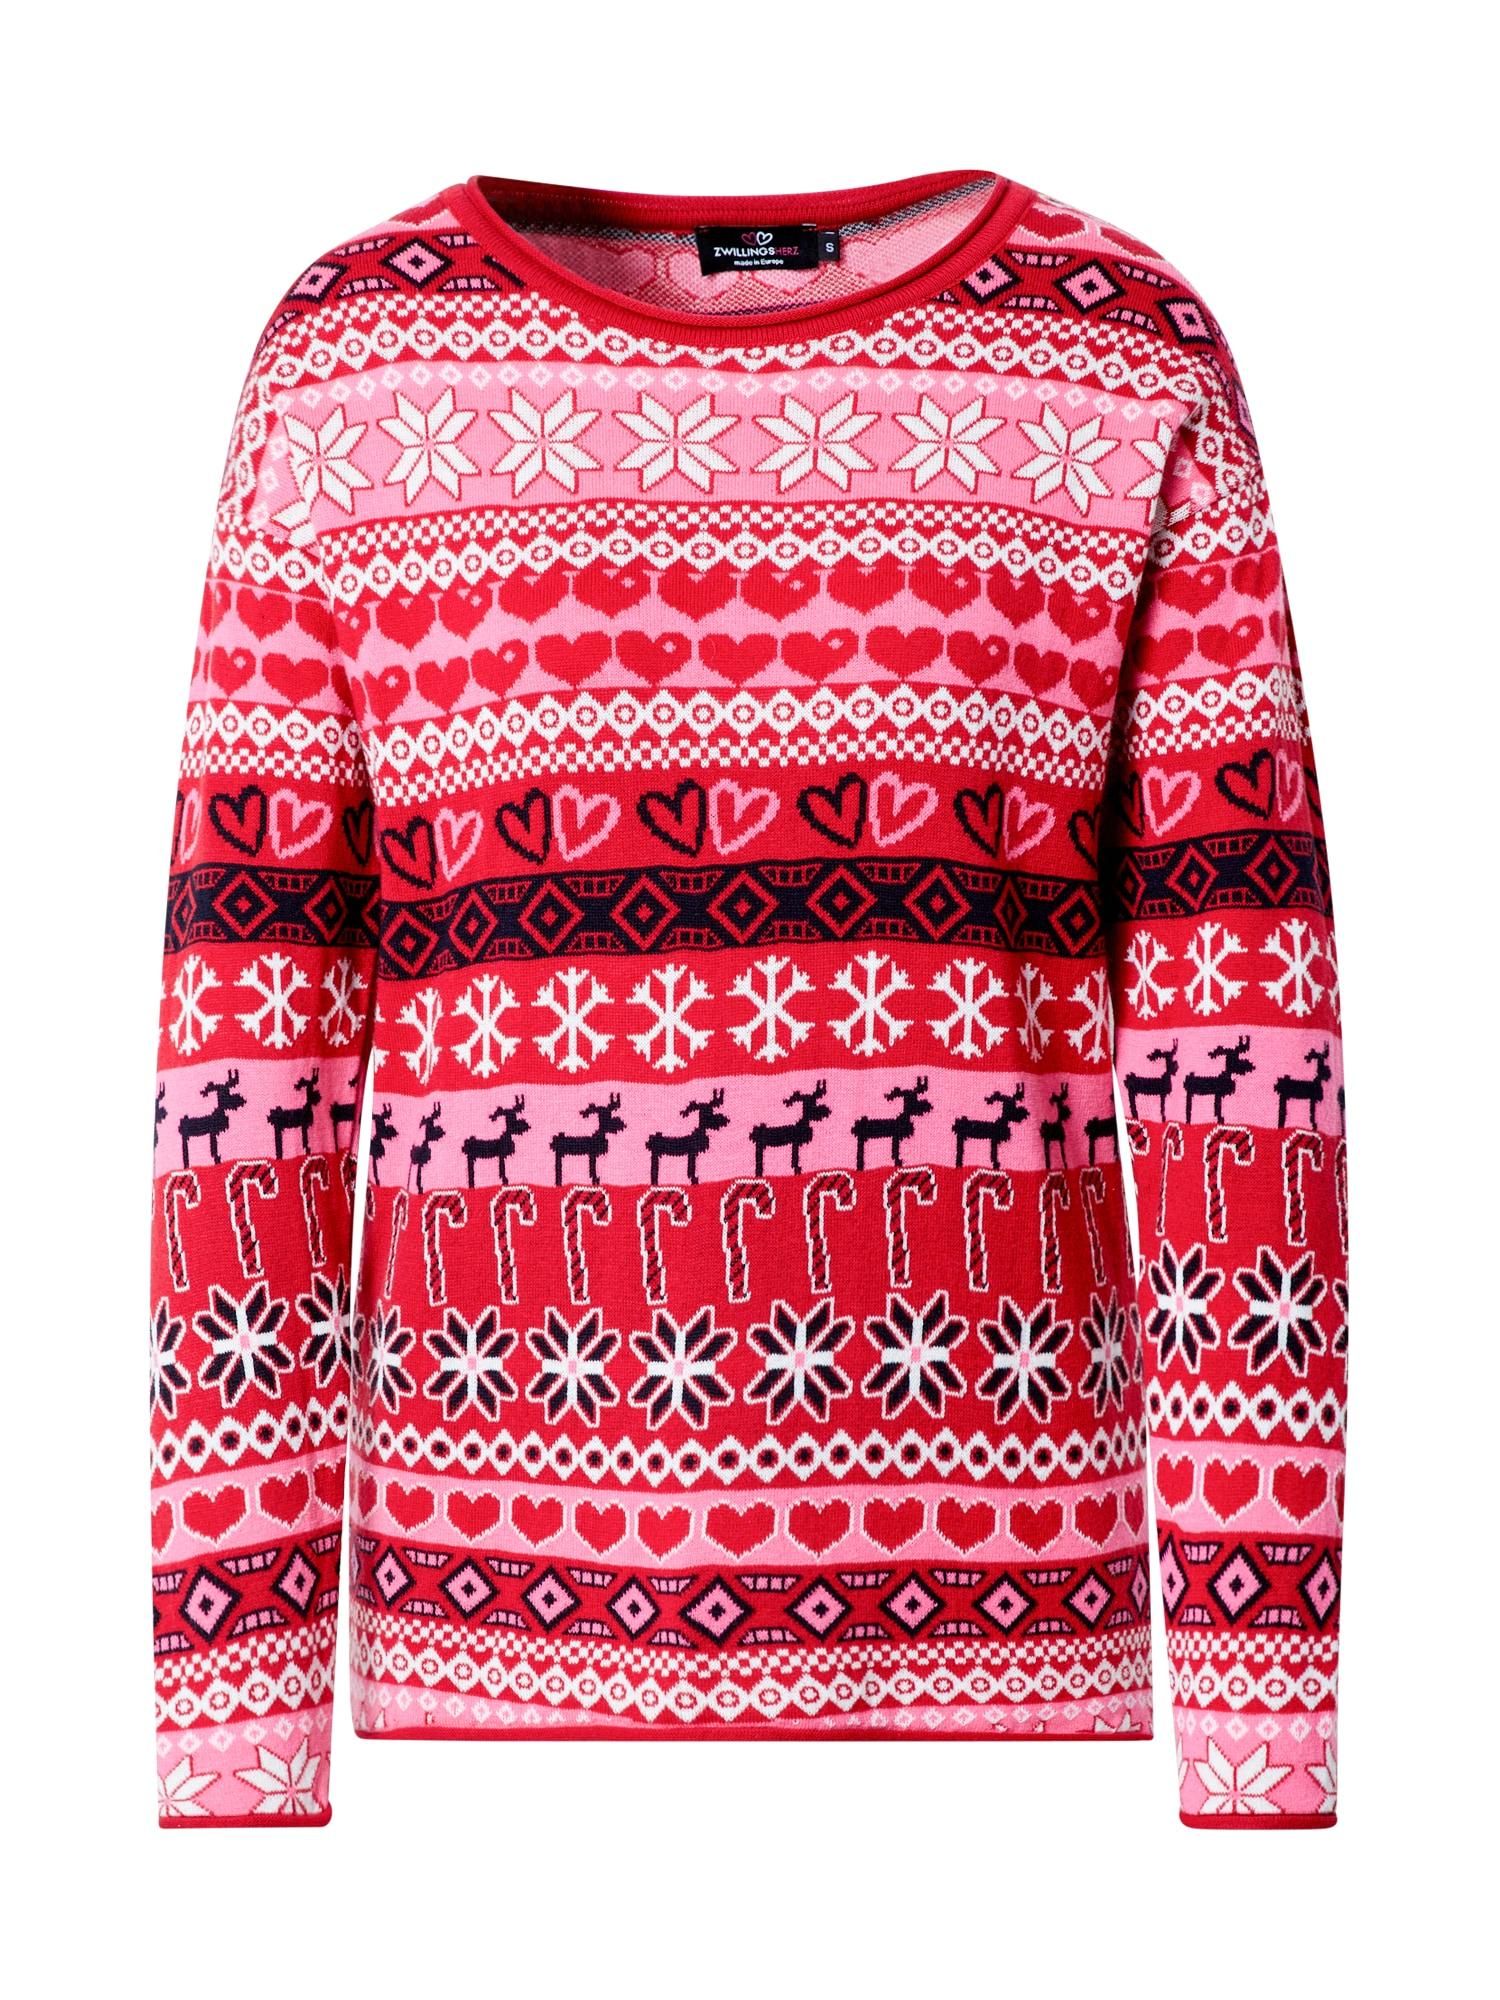 Zwillingsherz Megztinis